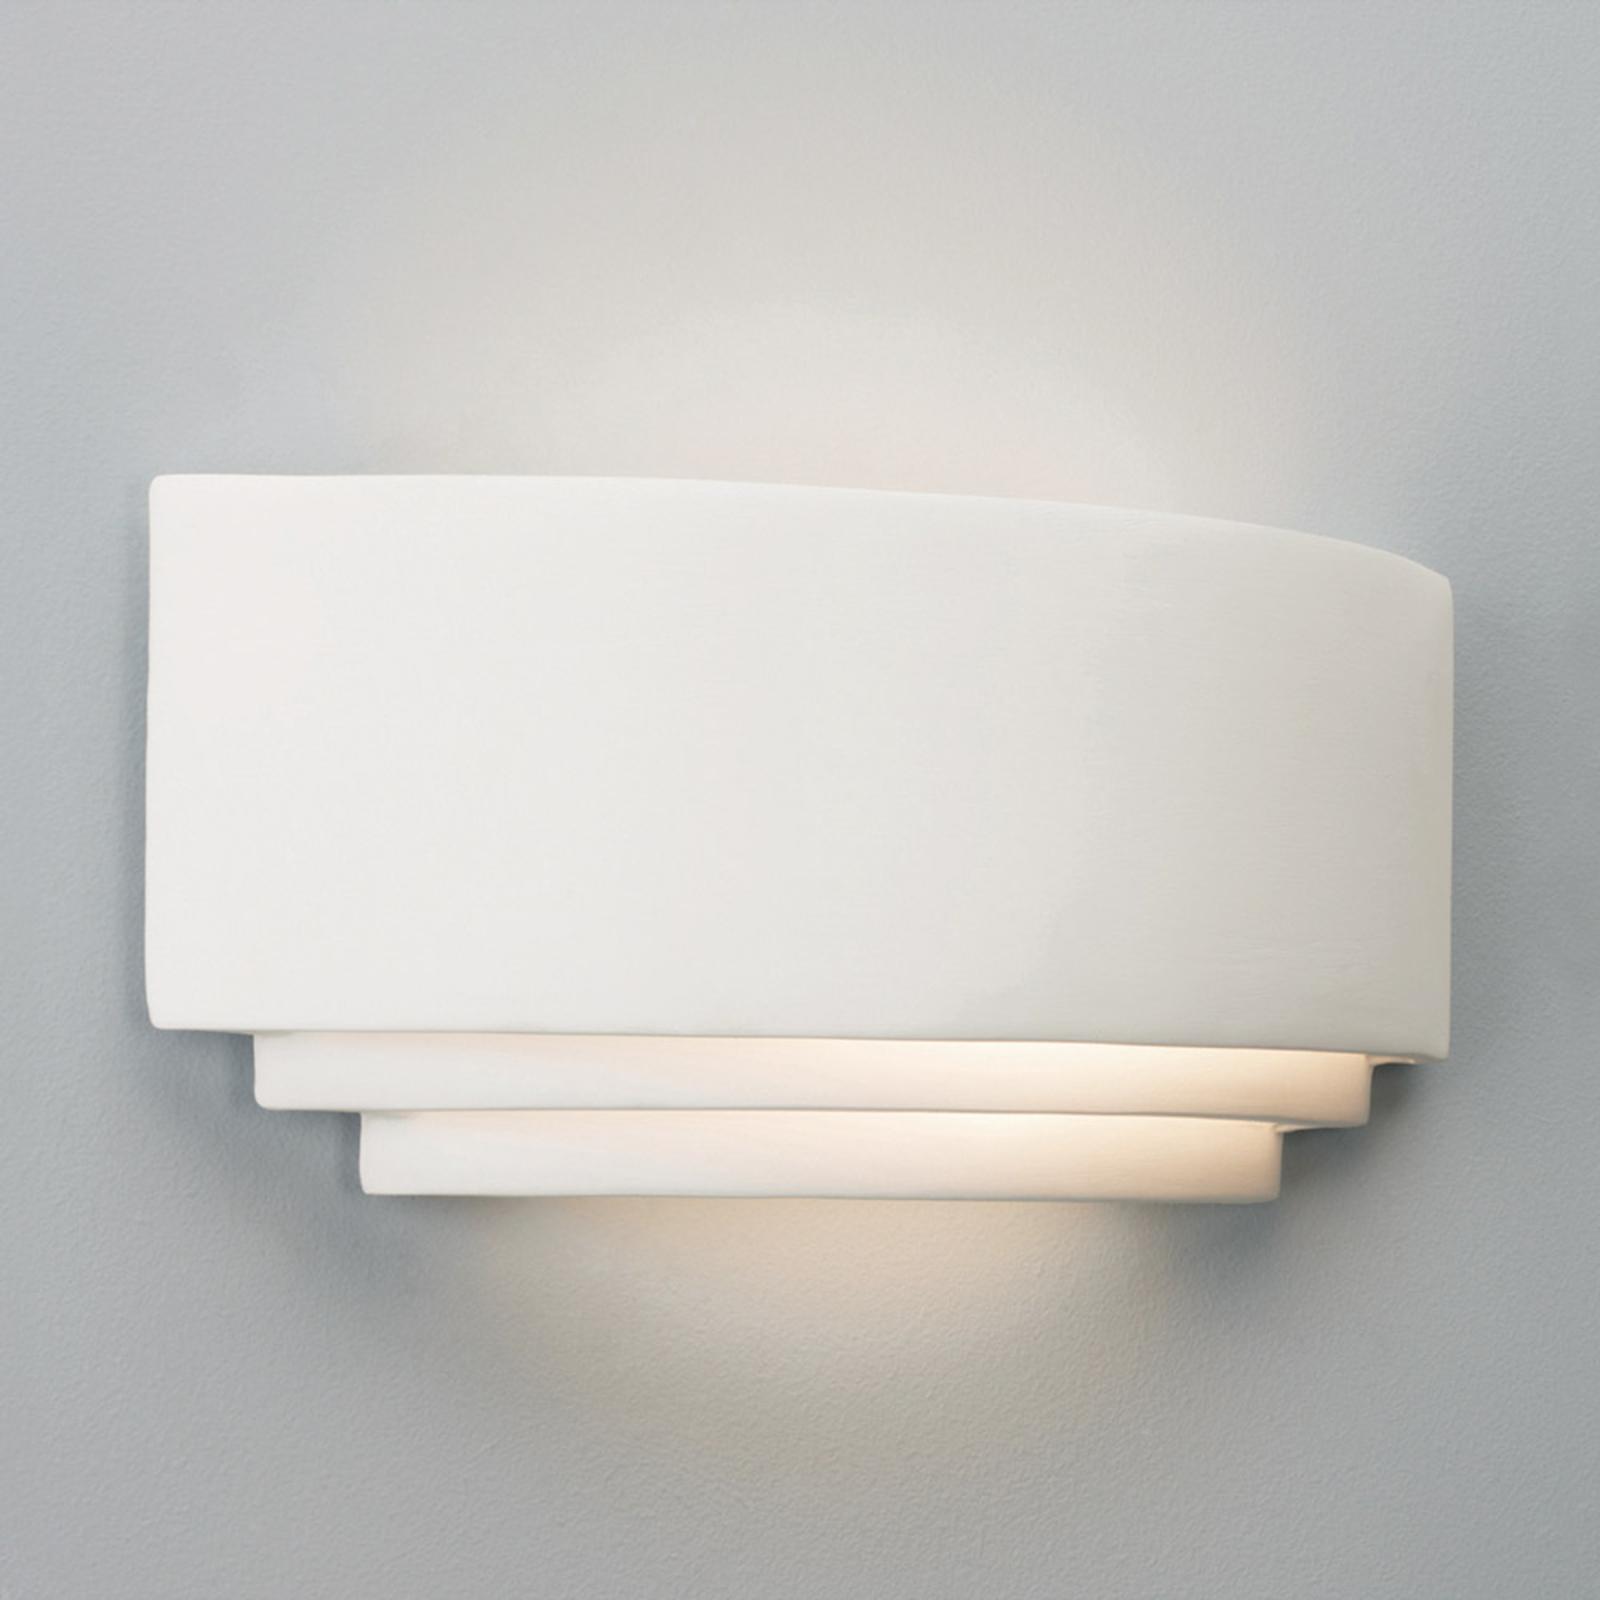 Astro Amalfi 315 - weiße Gips-Wandleuchte 31,5 cm